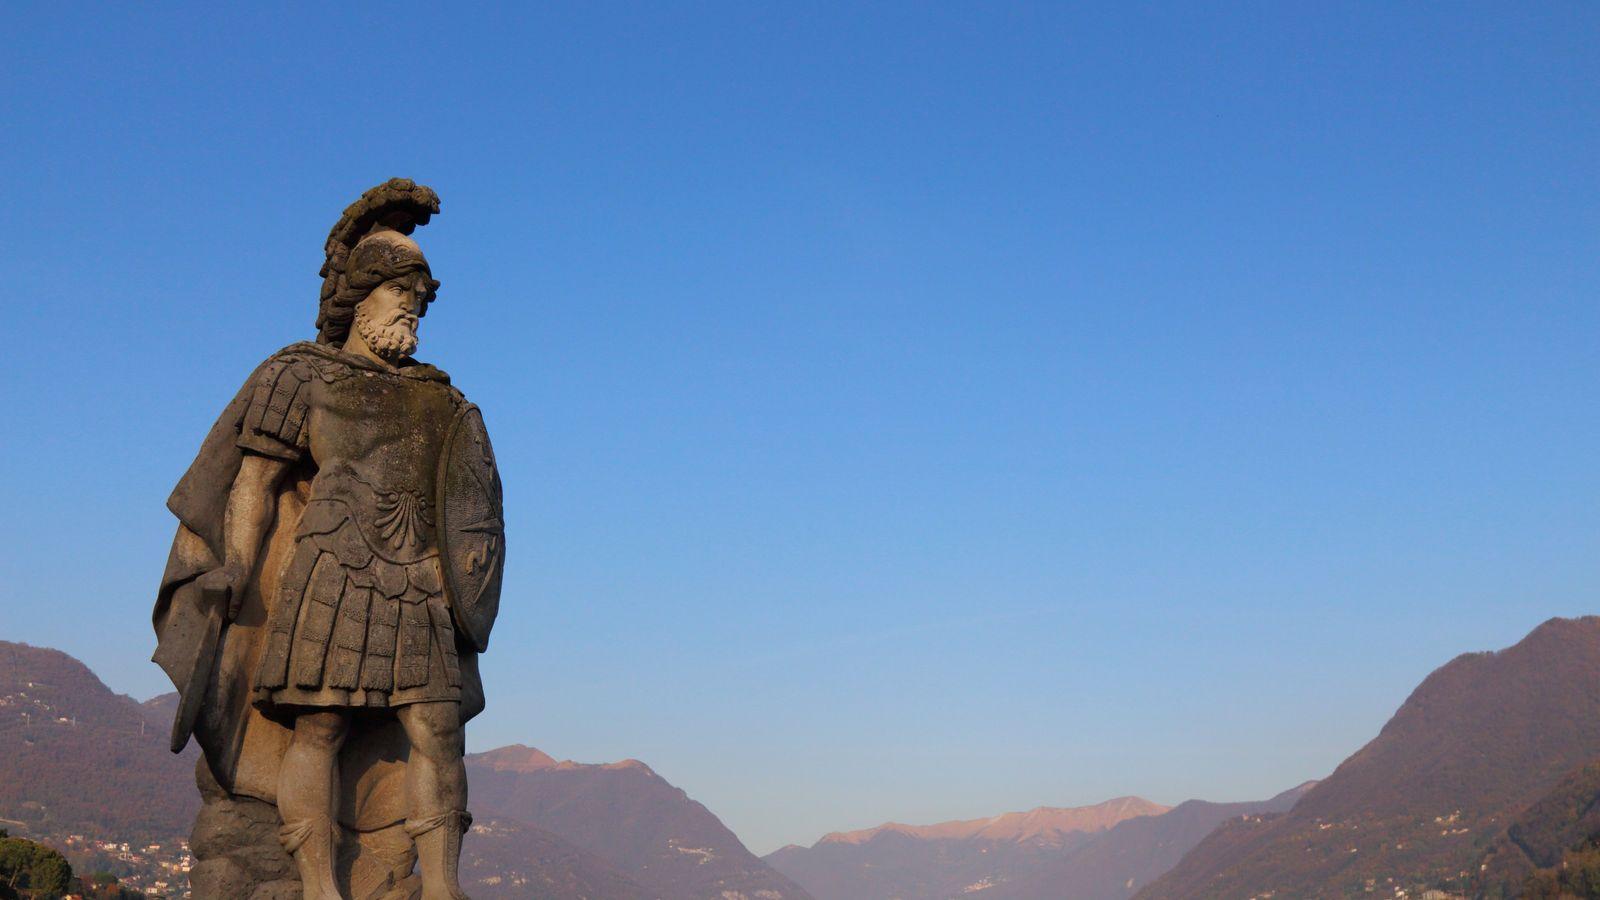 Statue de Mars, dieu de la guerre dans l'antiquité romaine.